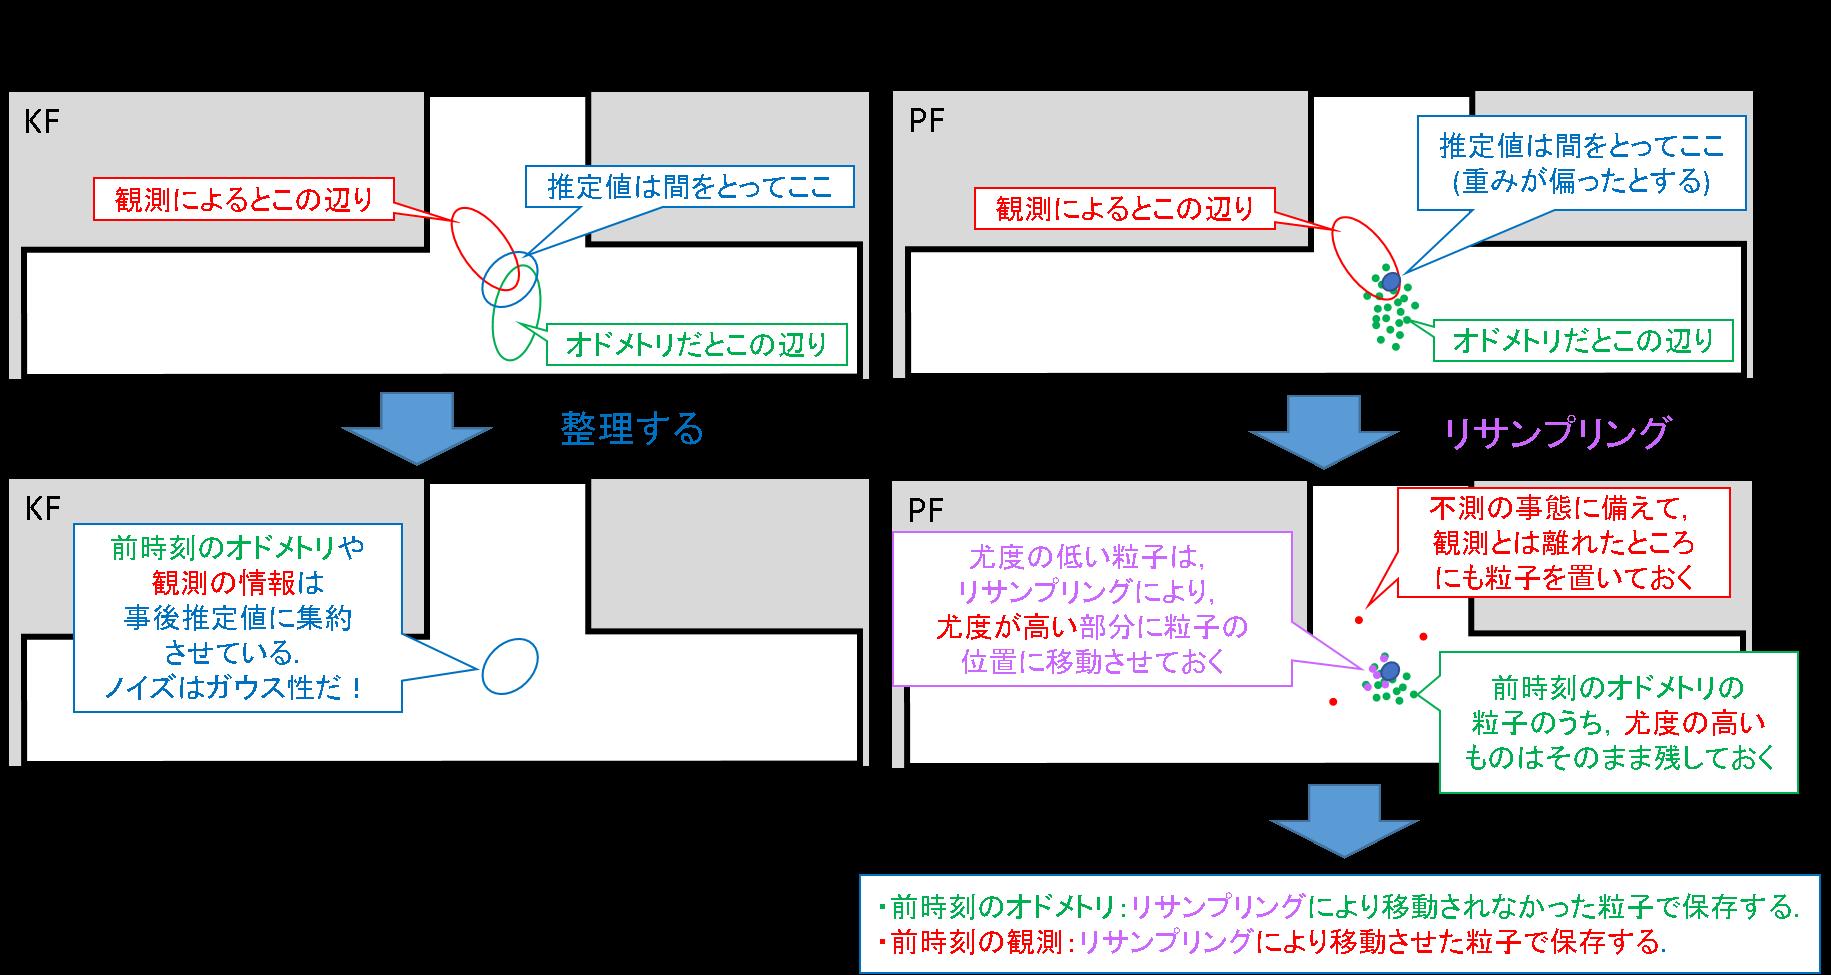 32_KFとPFの特性比較.png